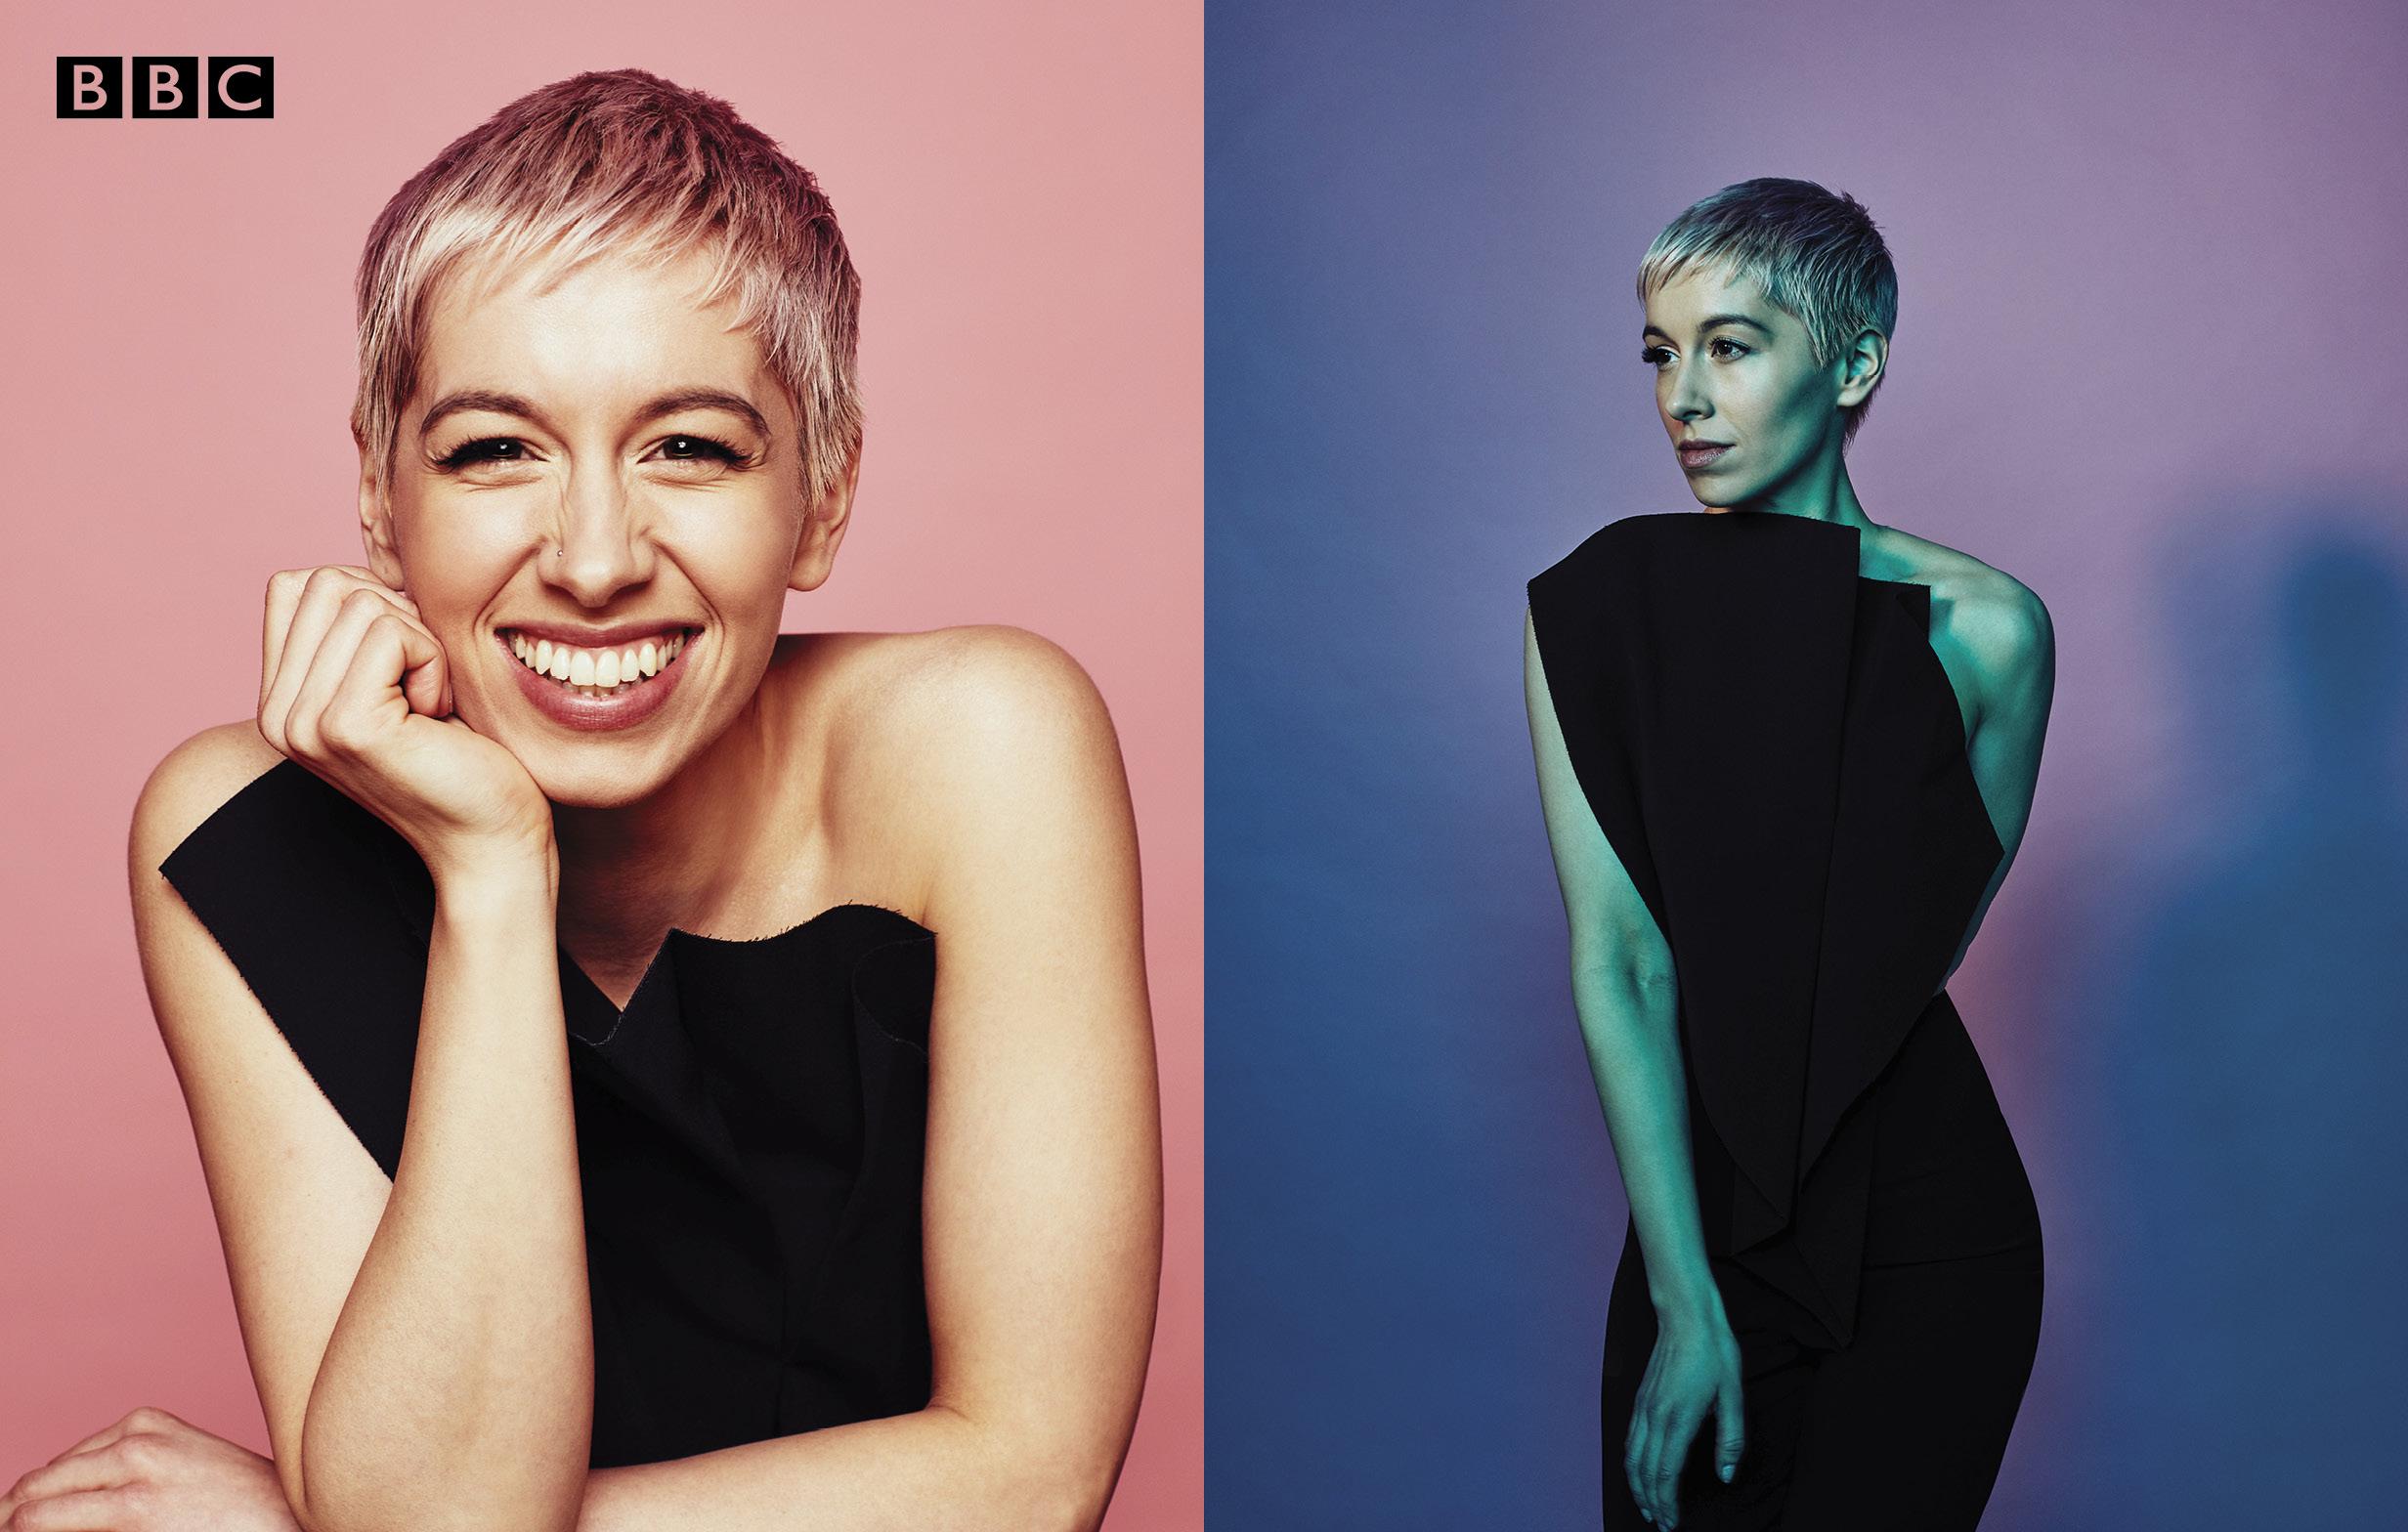 BBC 'Surie' Eurovision Promotional Portraits